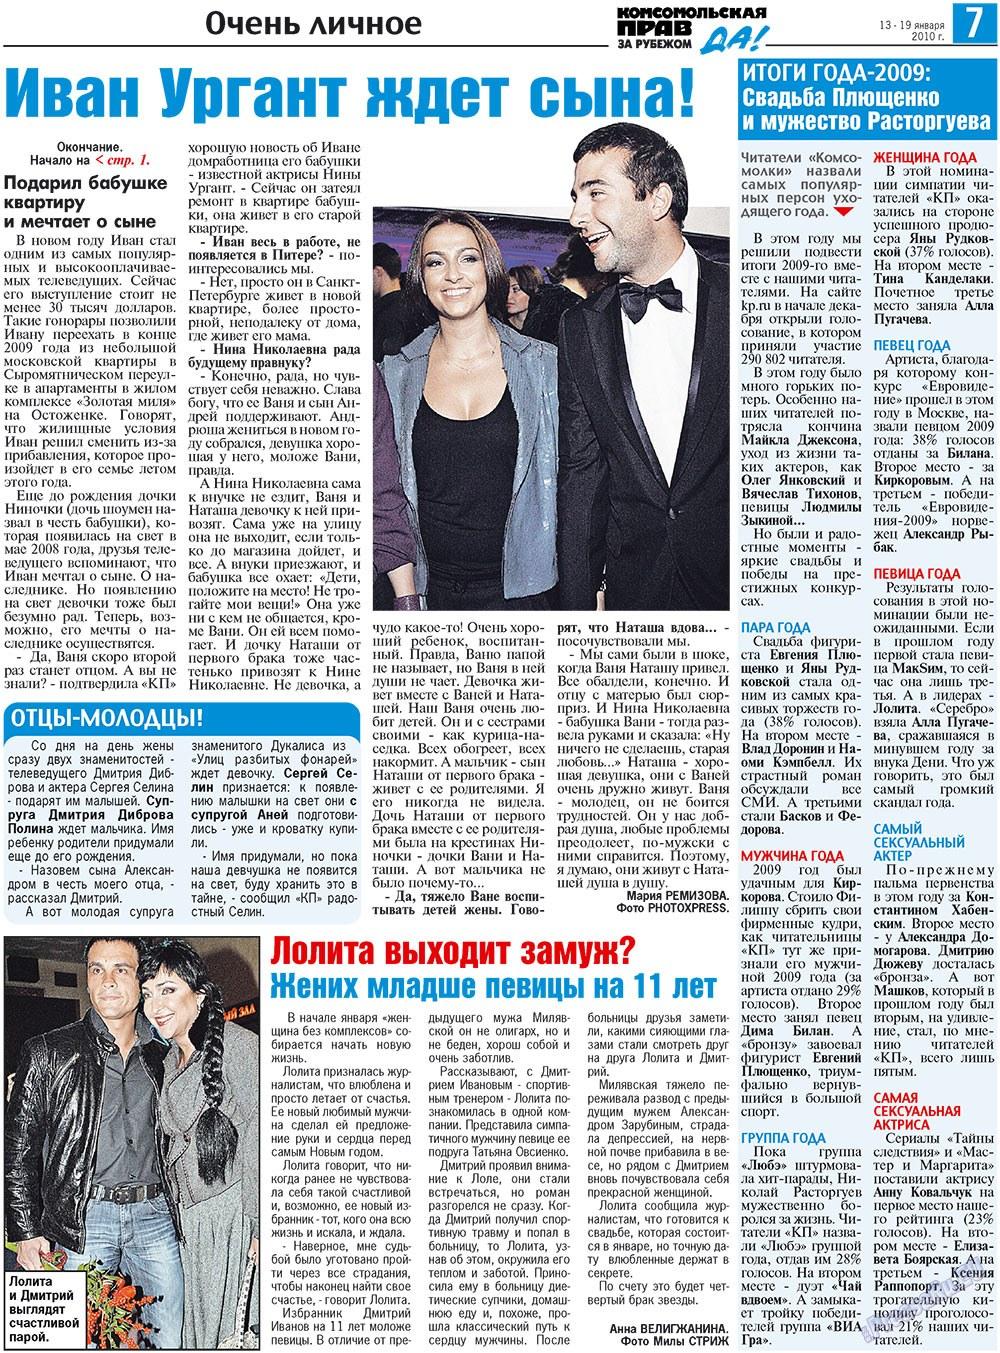 Наша Газета Ирландия (газета). 2010 год, номер 2, стр. 15